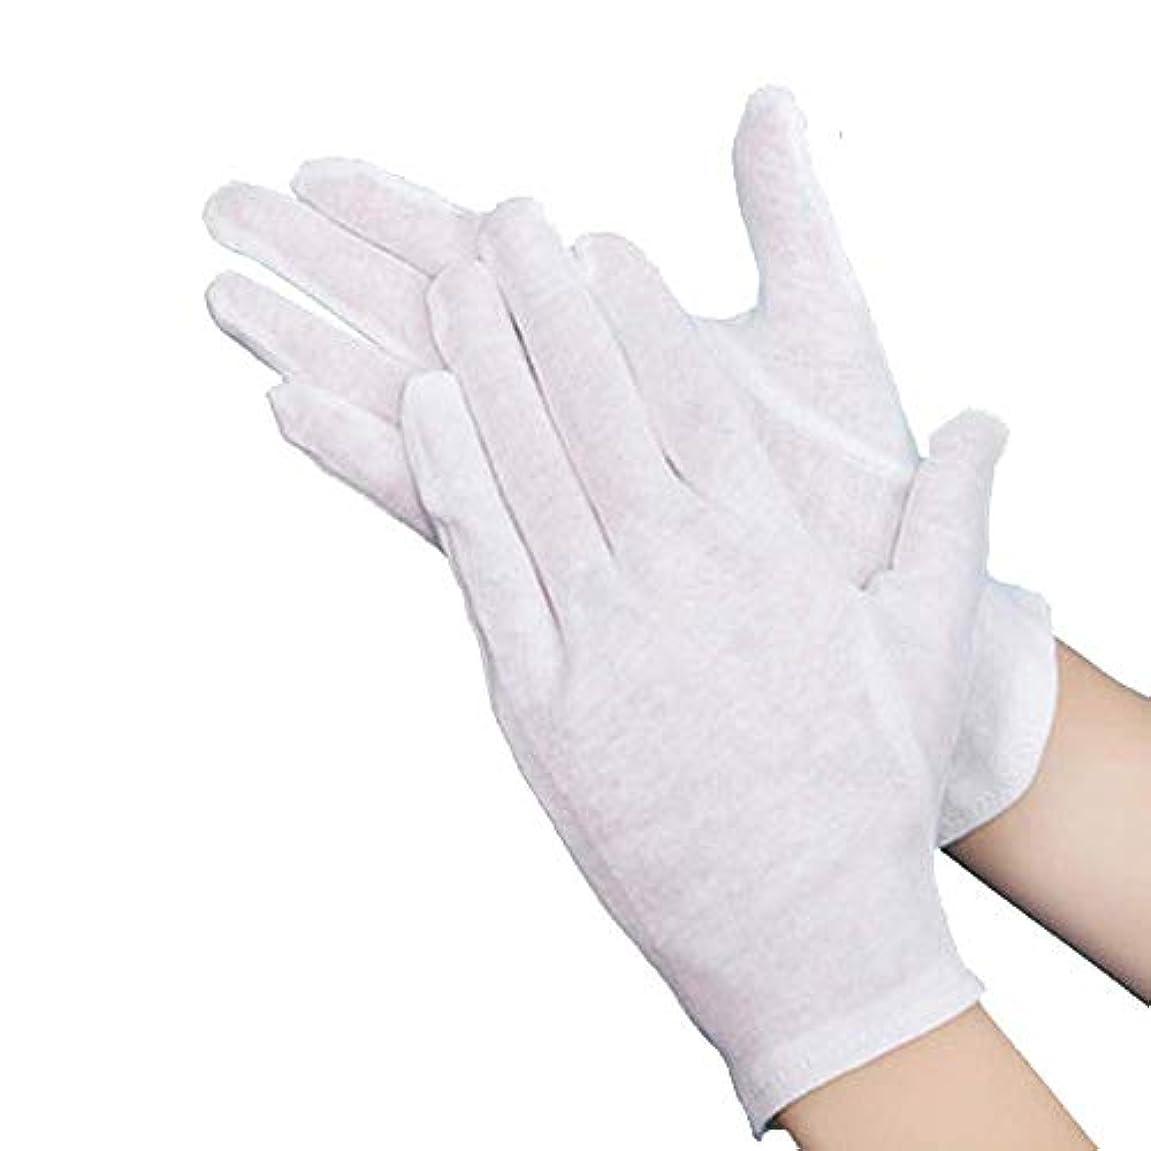 ペデスタルリフト受信10双組 M トン手袋 綿手袋 通気性